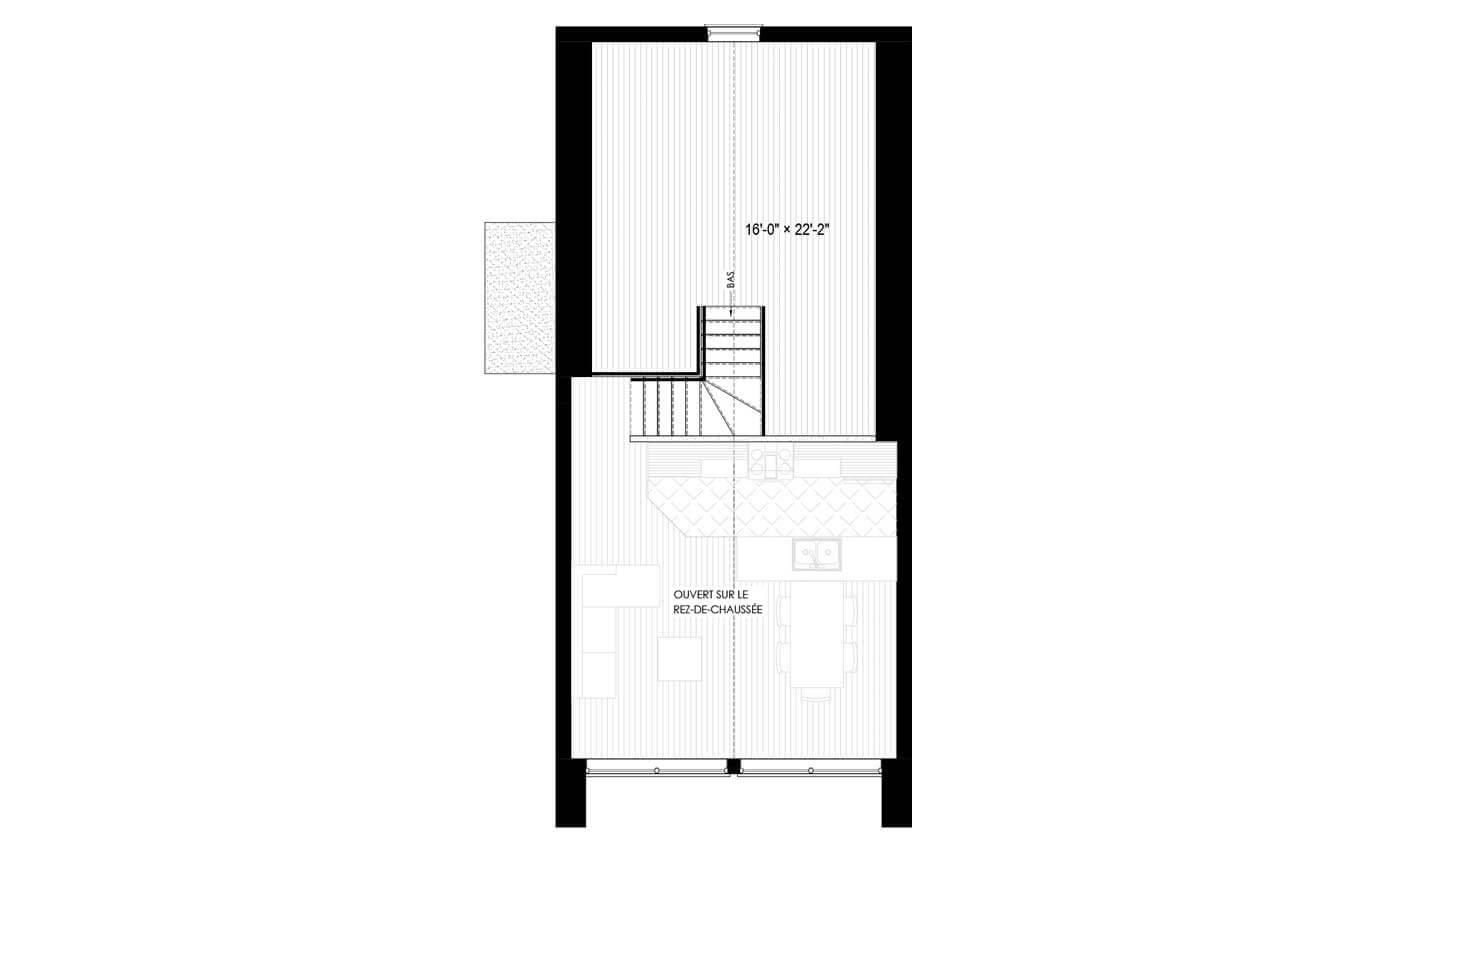 Plan modèle Harfang